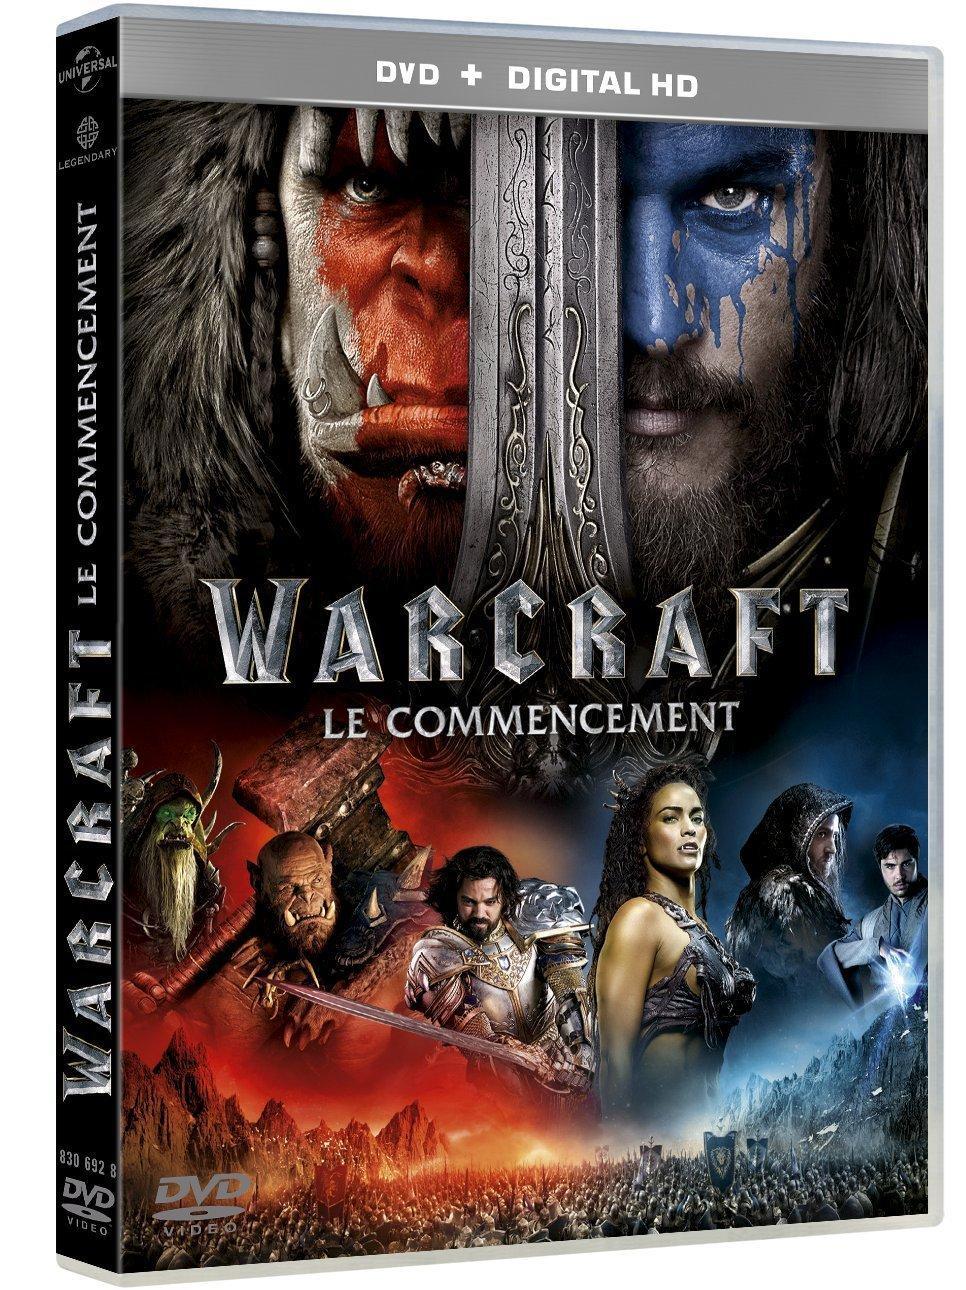 DVD+copie digital HD Warcraft Le Commencement sortie le 11/10